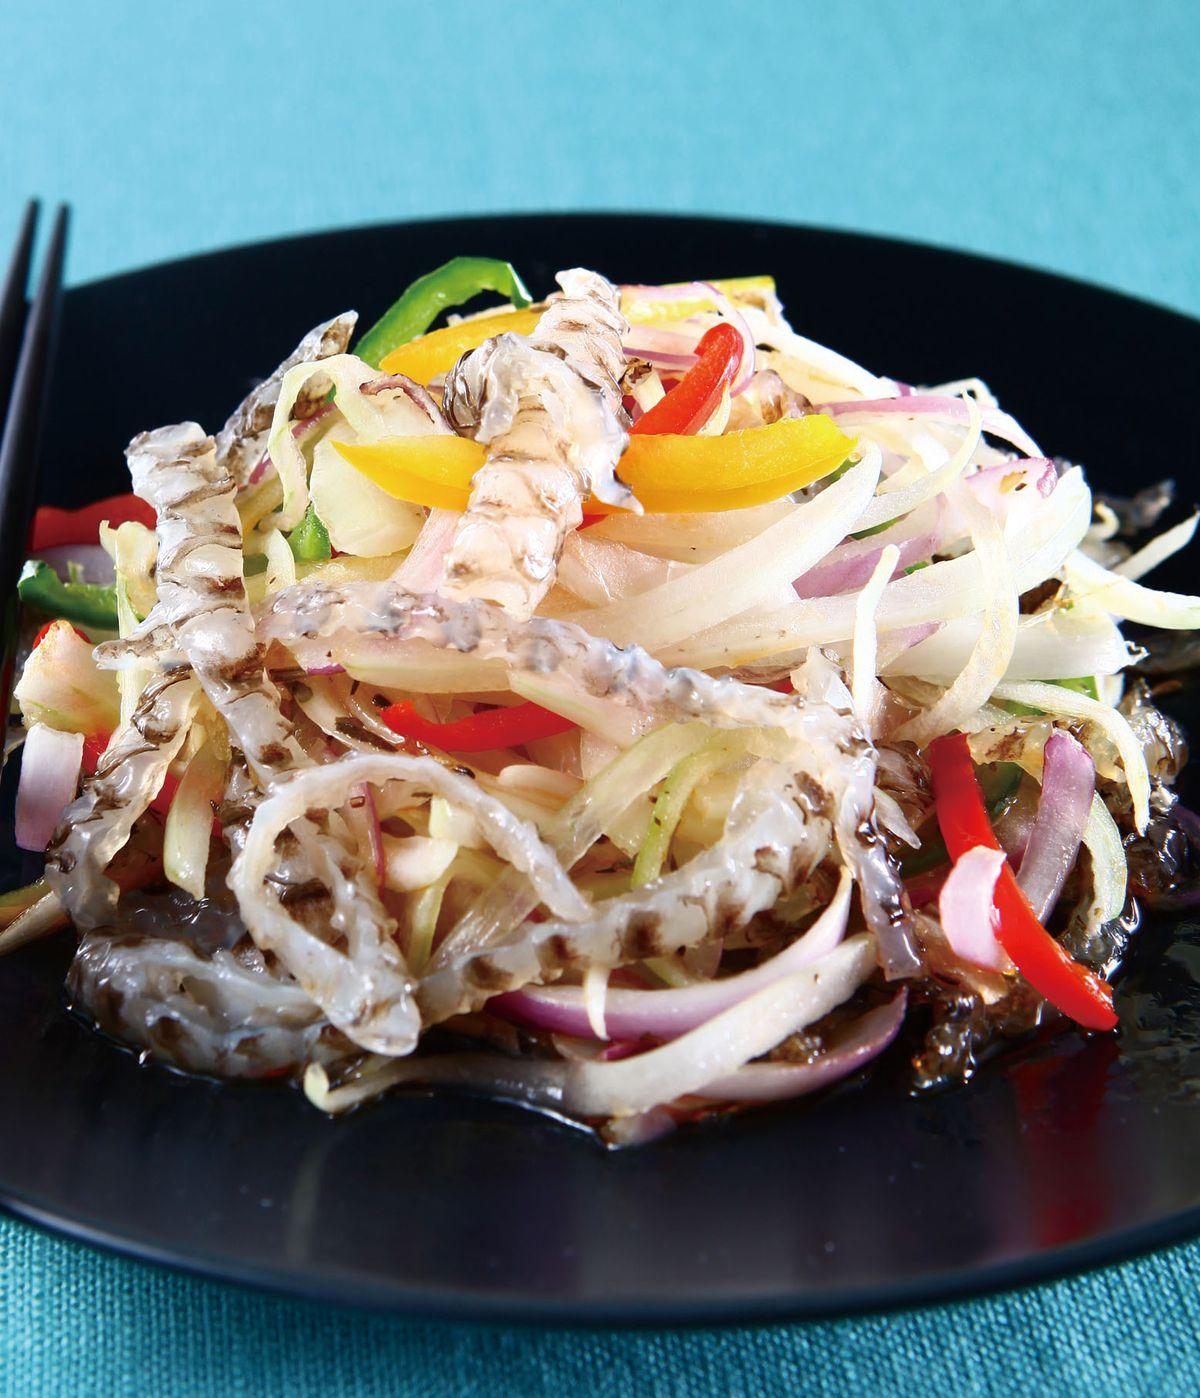 食譜:洋蔥水晶魚皮